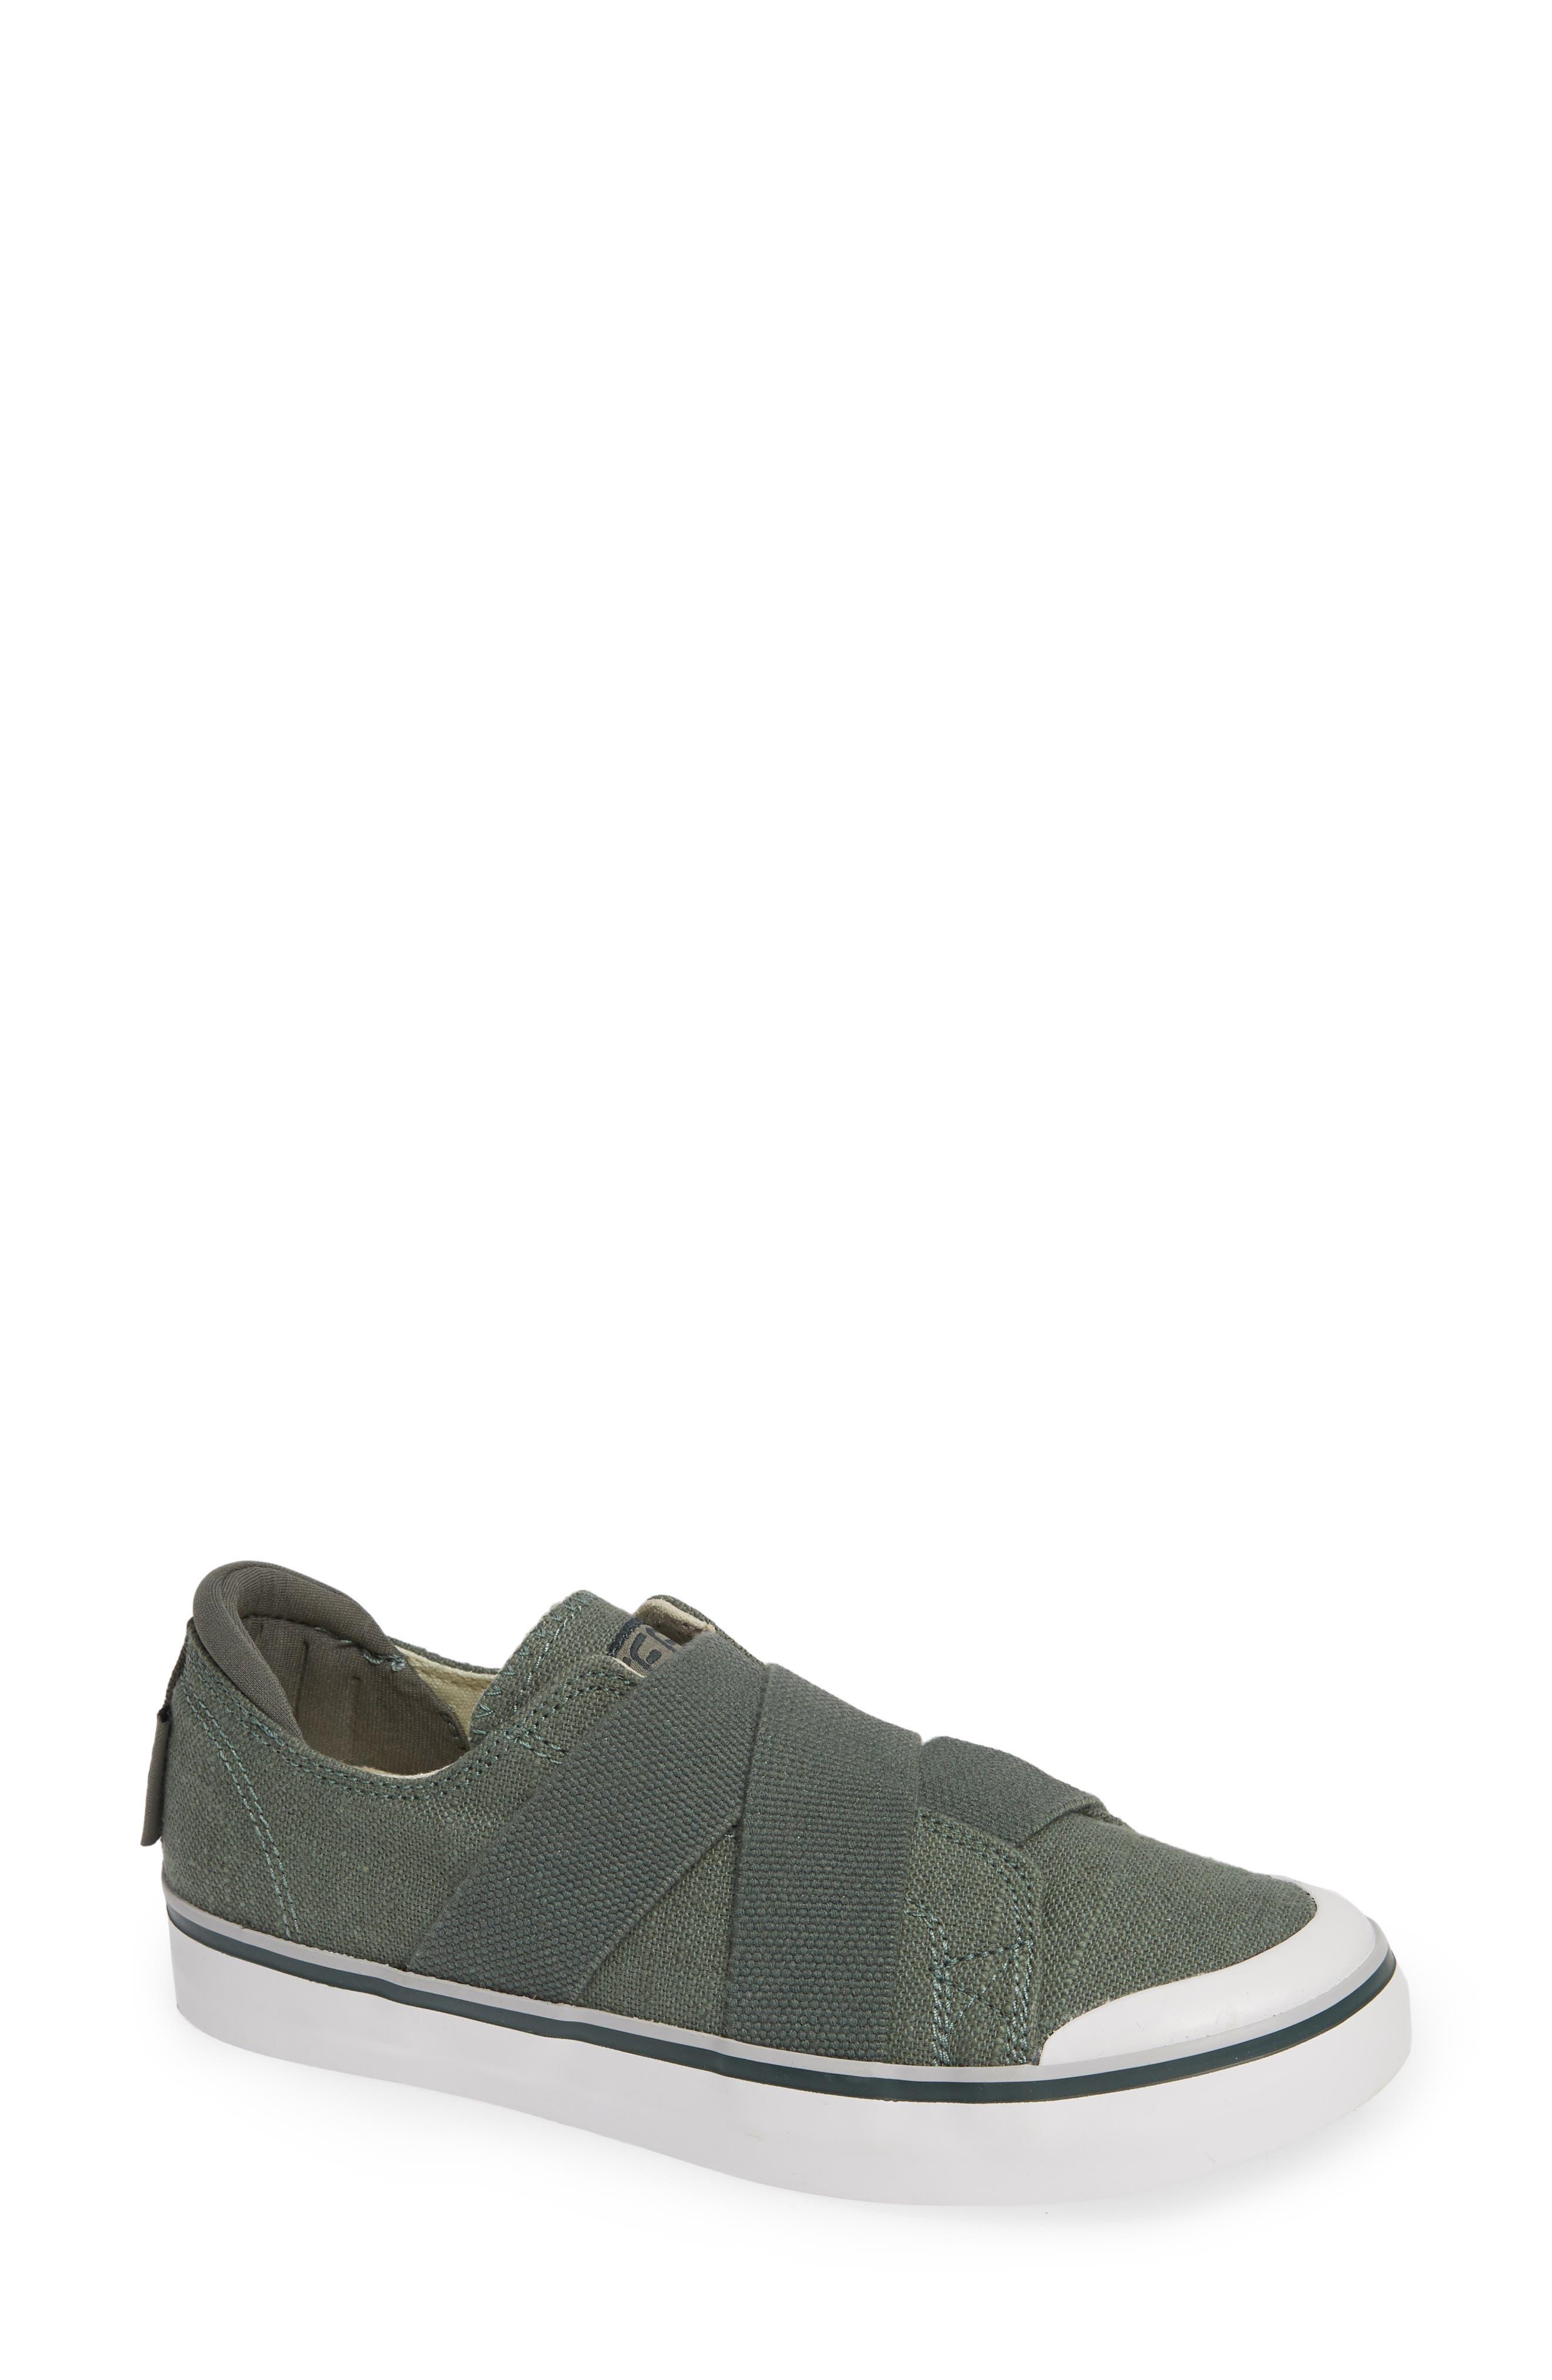 Keen Elsa Iii Slip-On Sneaker, Green